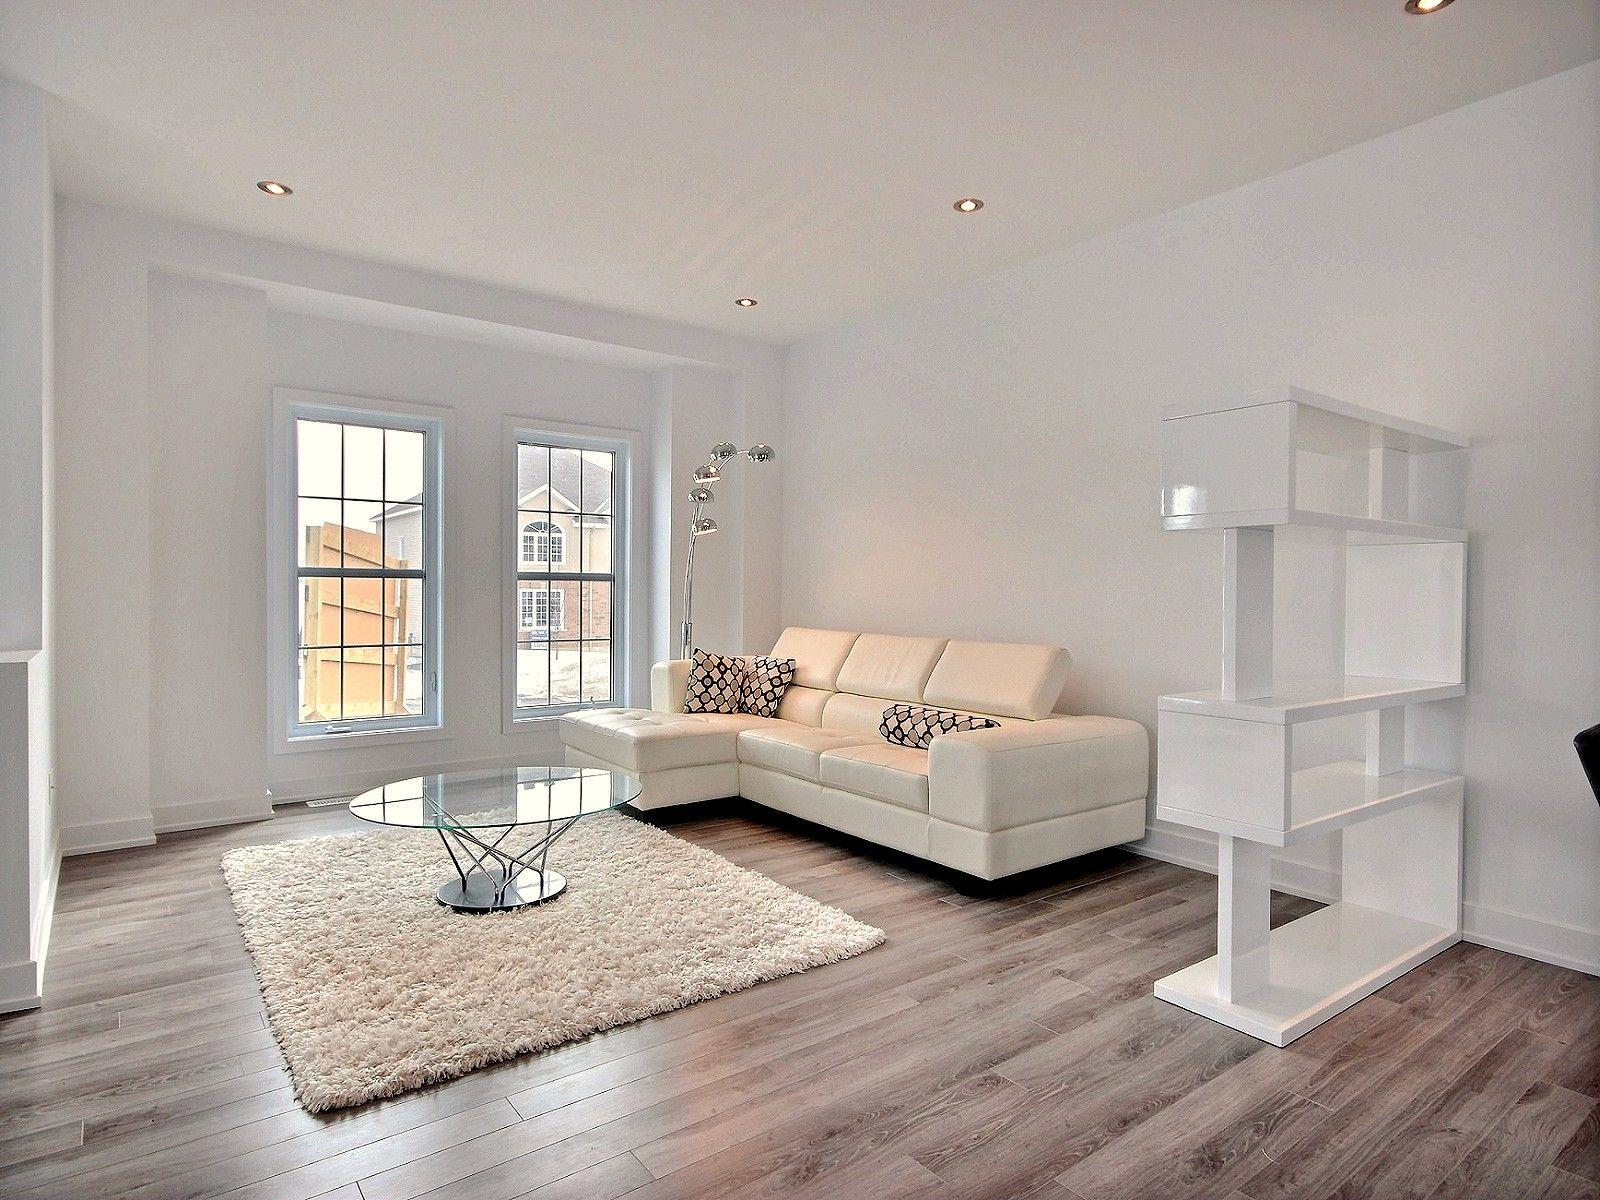 Salle de séjour dans notre modèle de maison Le Castel de notre ...